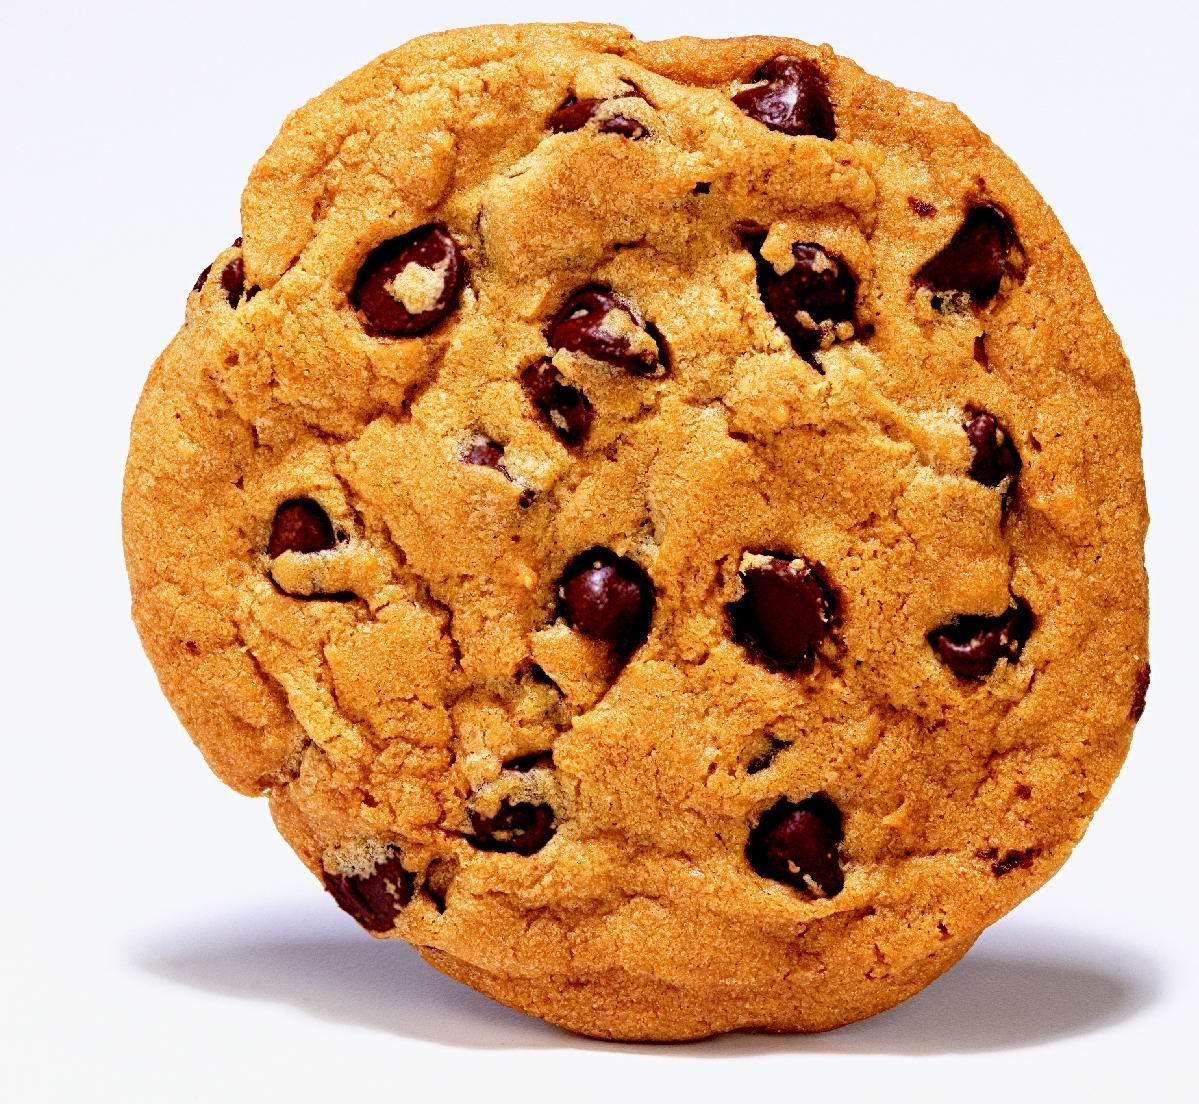 chocolate_chip_cookies.jpg